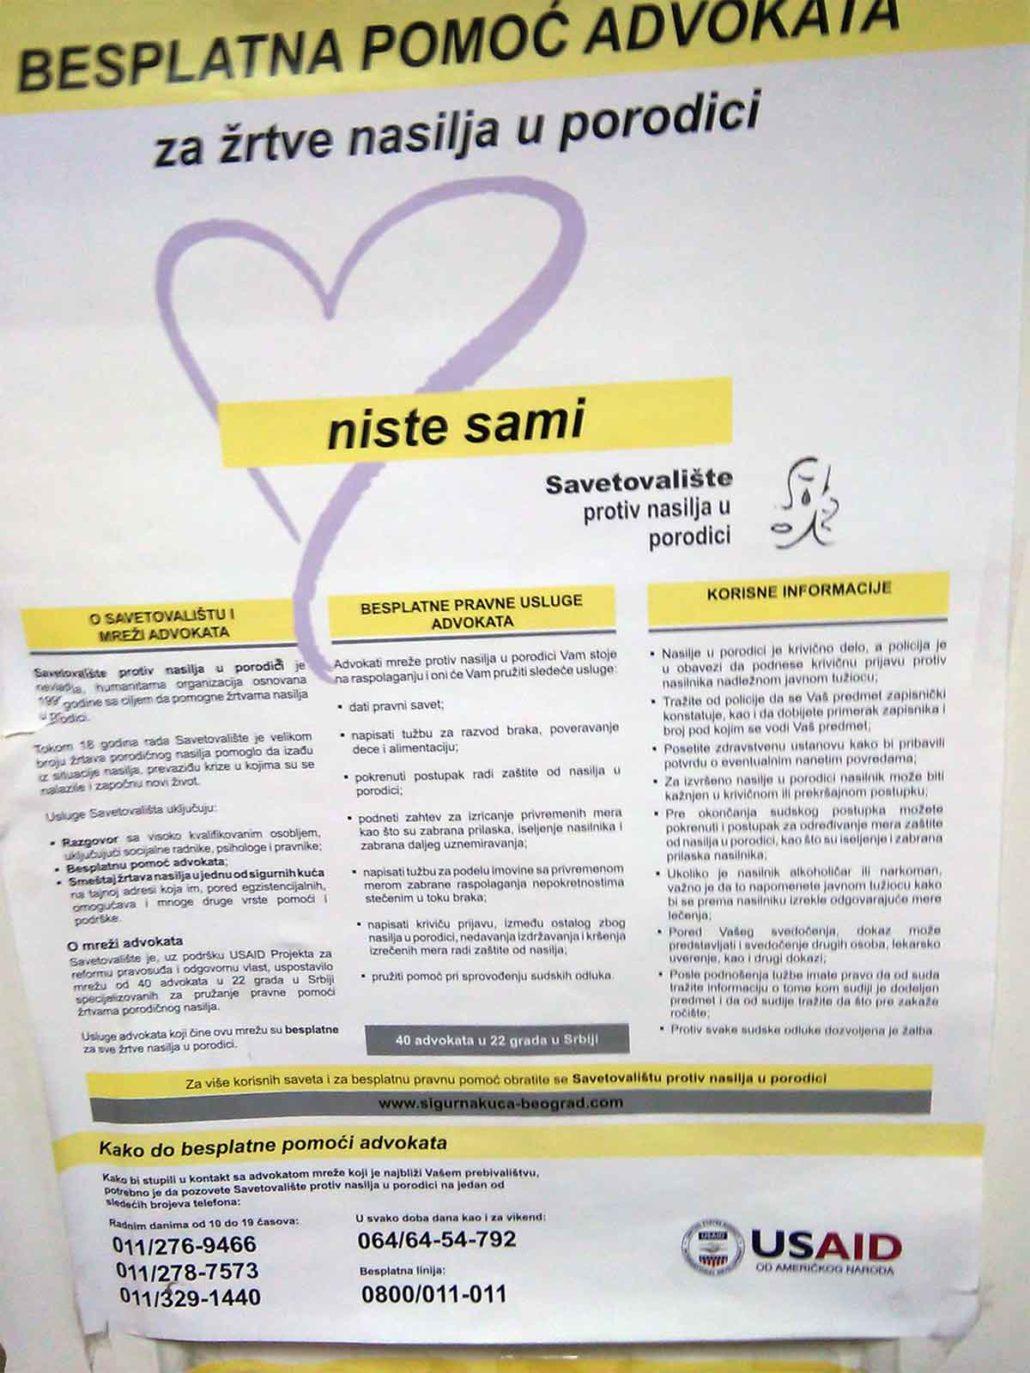 Dok narod gladuje Ana Brnabić se bahati. USAID brine o oduzimanju dece Srbije.